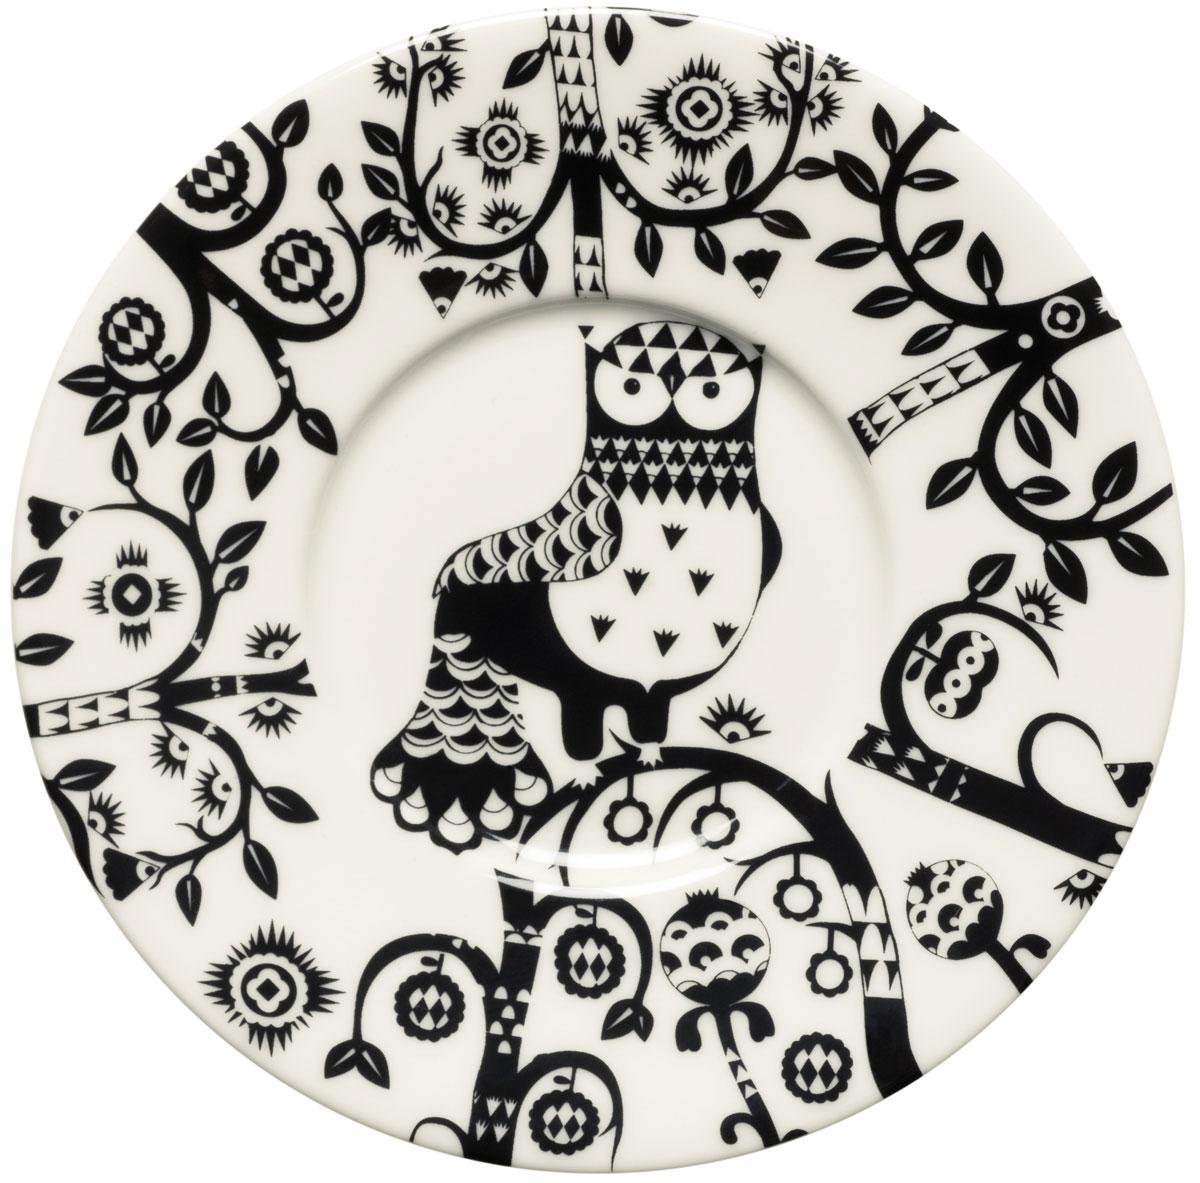 Блюдце Iittala Taika, цвет: черный, диаметр 15 см1012508